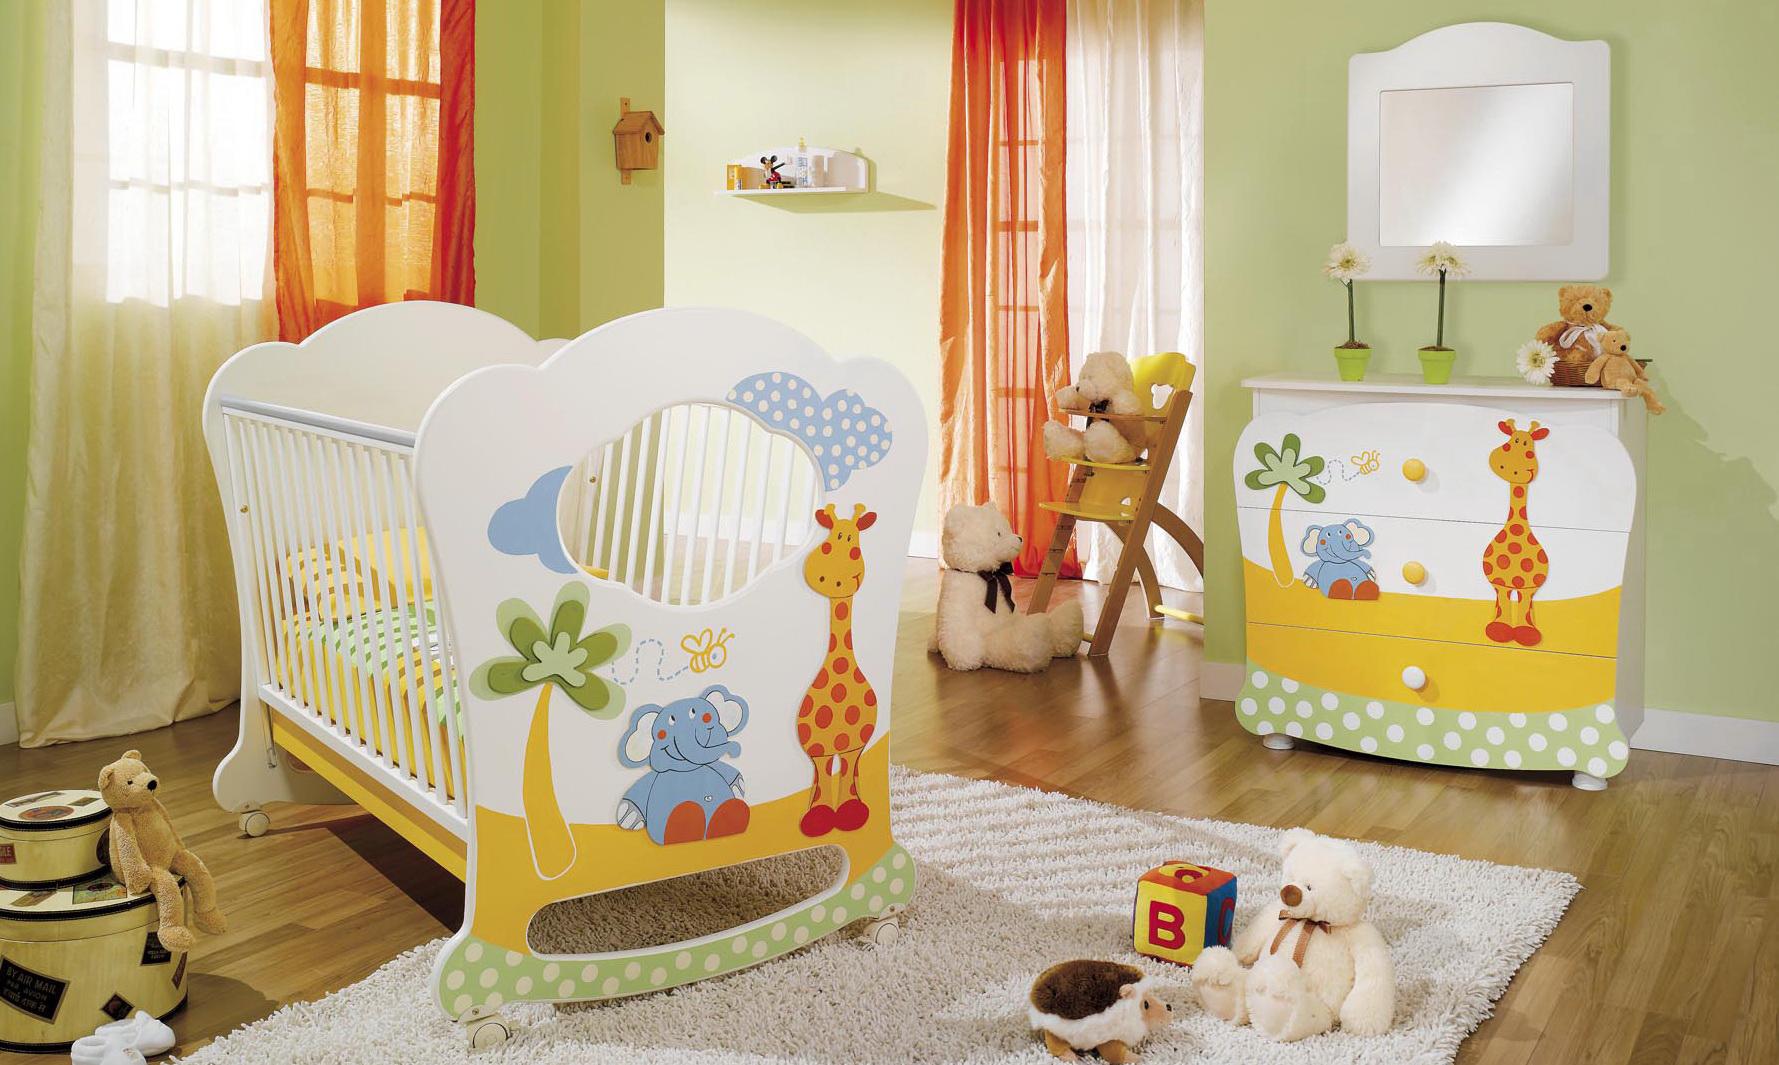 Как выбрать кроватку для новорожденного ребенка: преимущества моделей с продольным и поперечным маятником